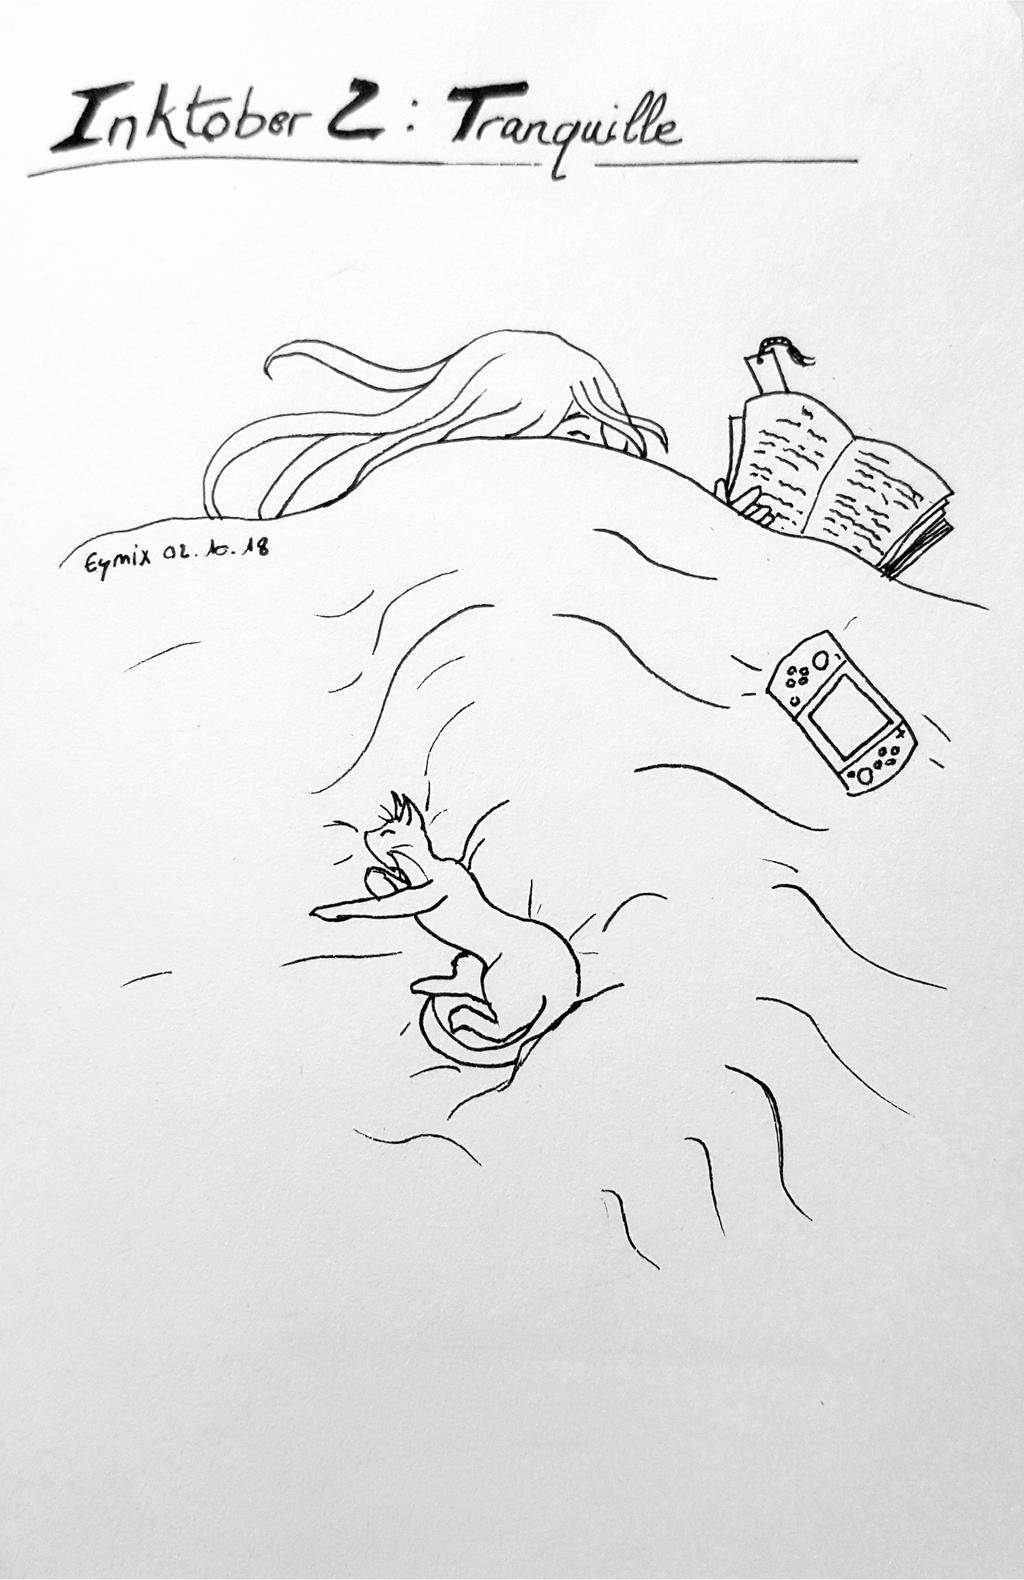 Inktober 2018 2 - Tranquille